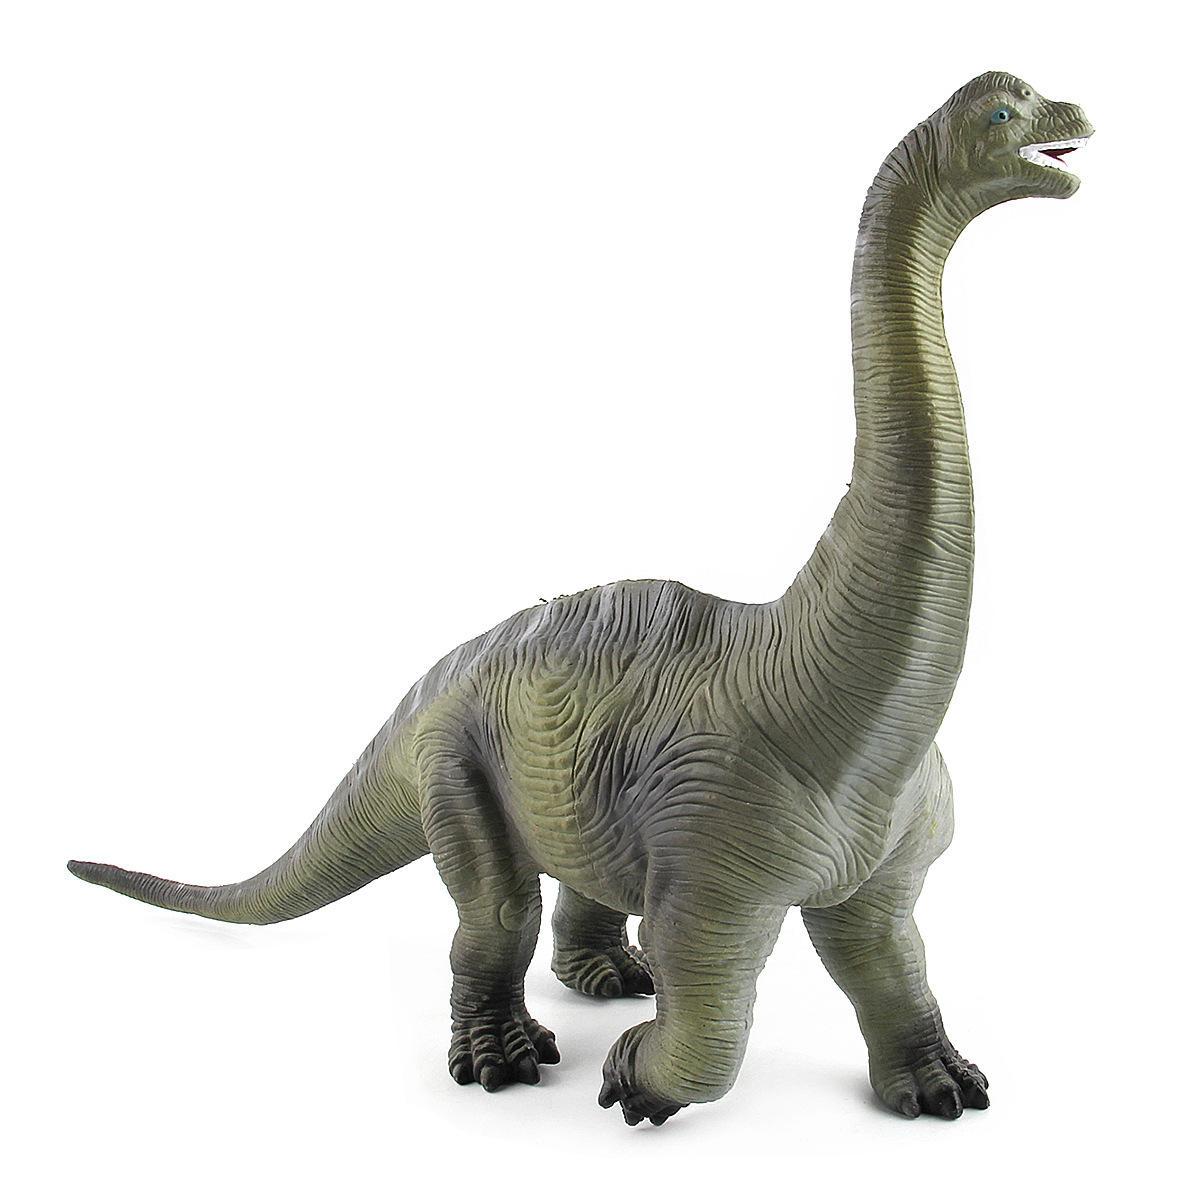 Grande Dinosauro giocattolo Brachiosaurus giocattolo in plastica plastico Realistico Realistico regalo per i bambini - 3